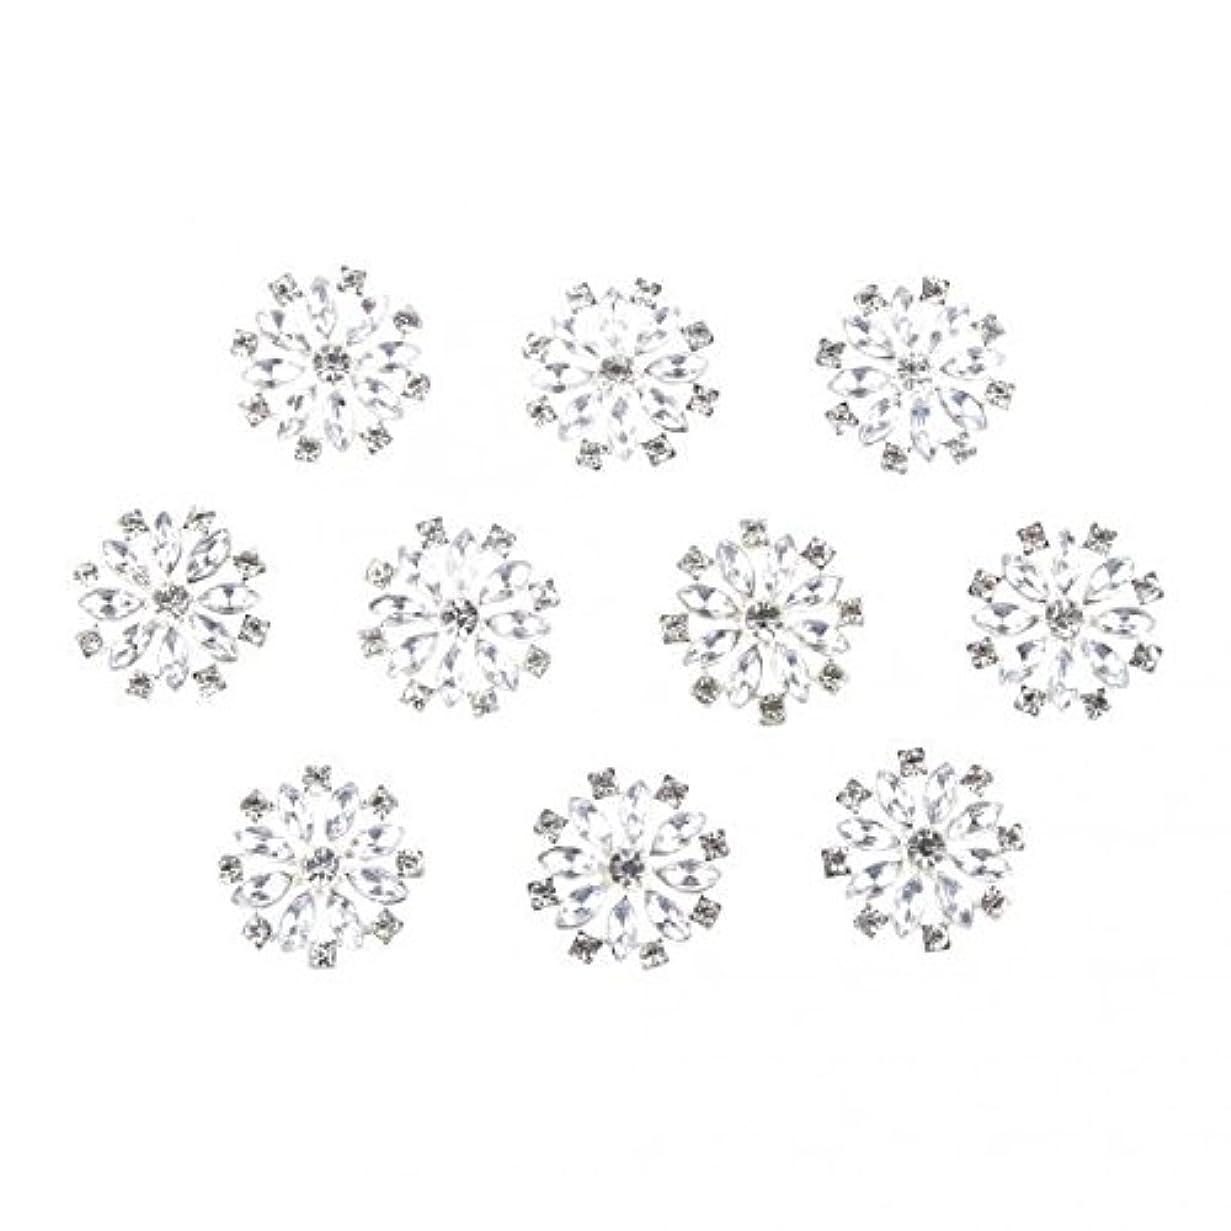 カリング受け入れた法廷20個 ラウンド ラインストーン ボタン ビーズ 装飾 クラフト DIY 銀